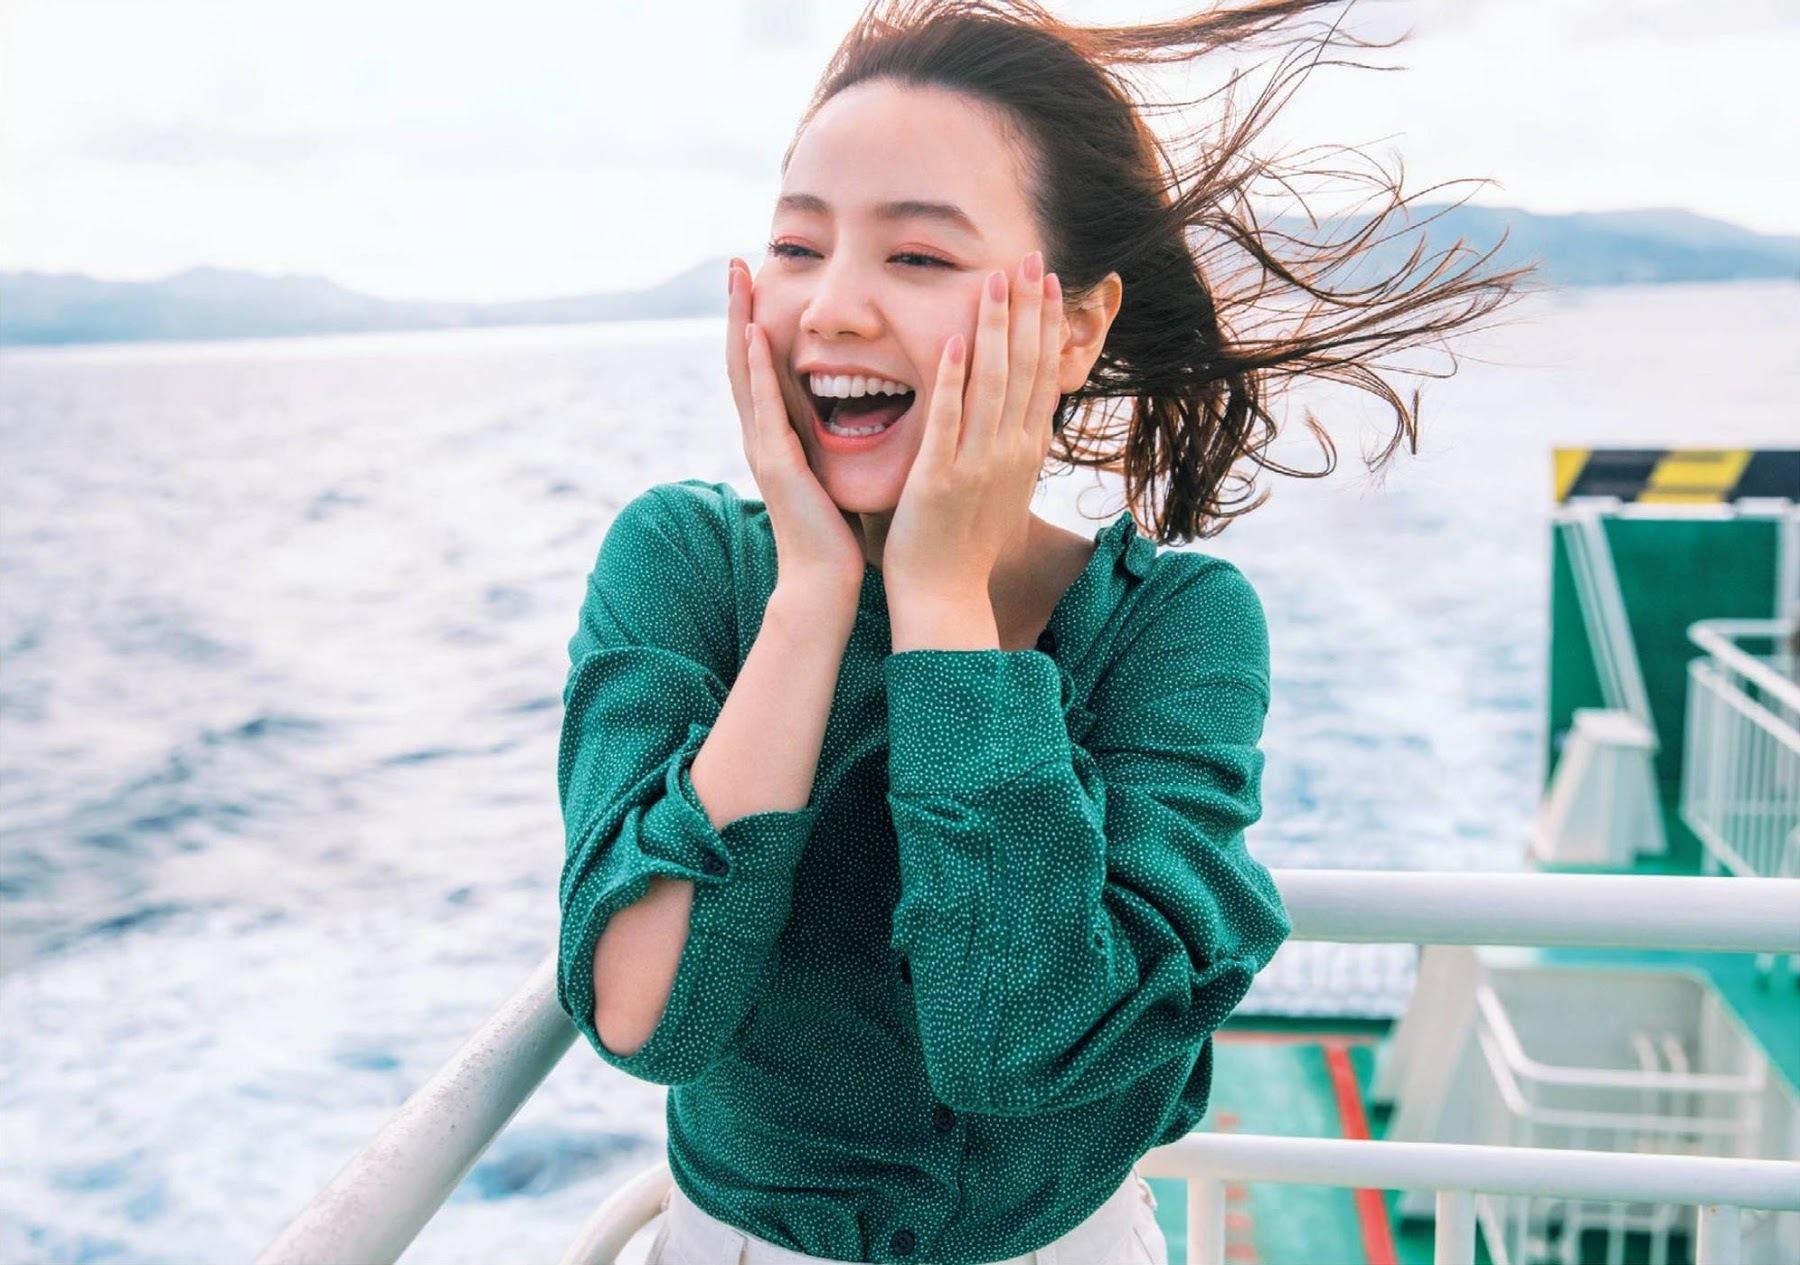 崛北真希妹妹NANAMI新生代清纯女 网络美女 第38张